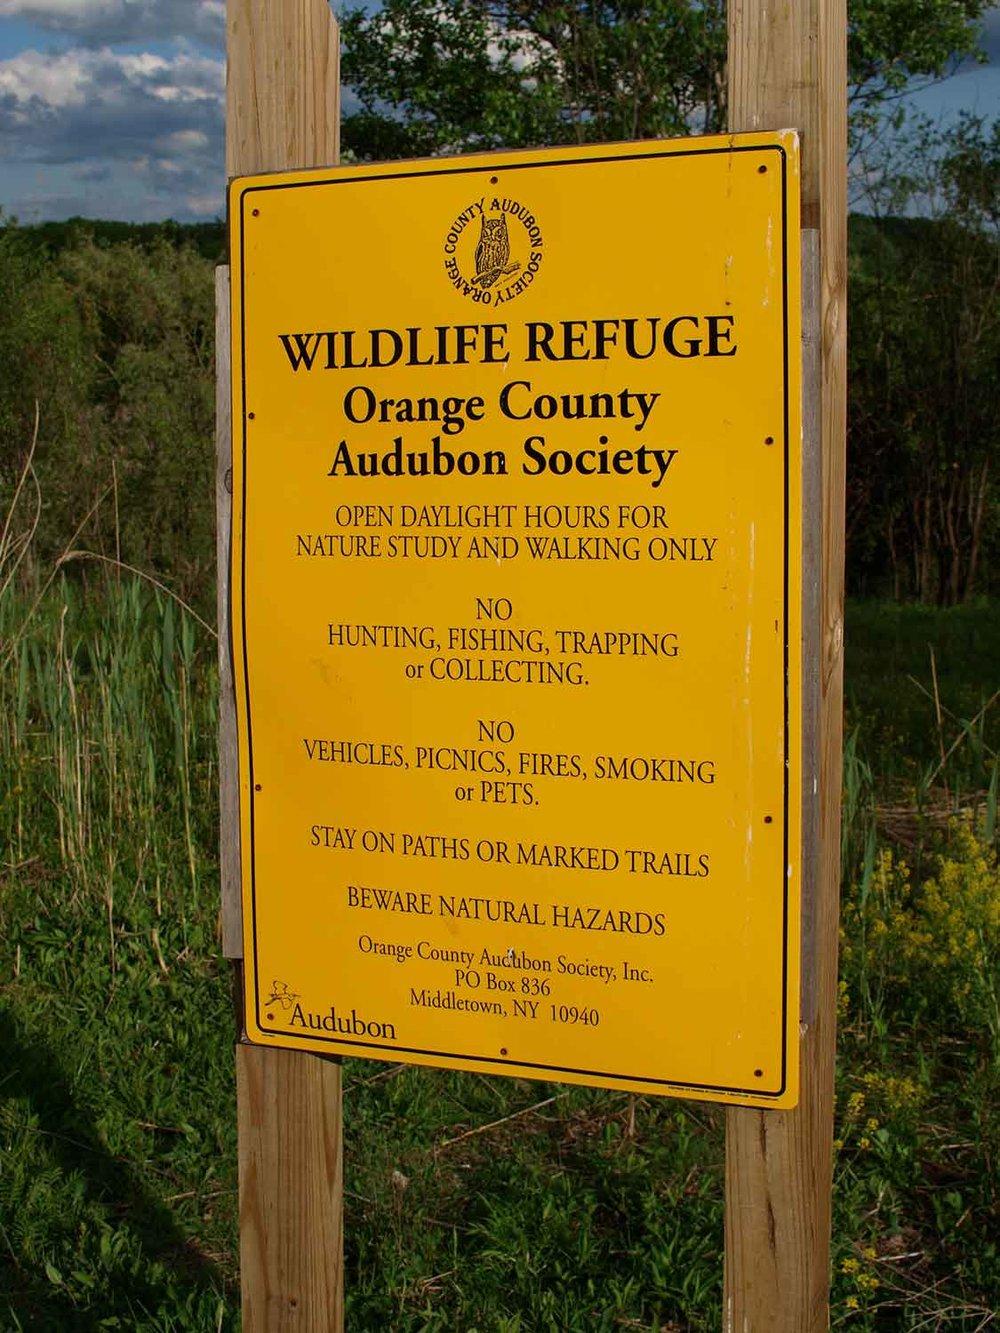 audubon-kiosk-5041173.jpg